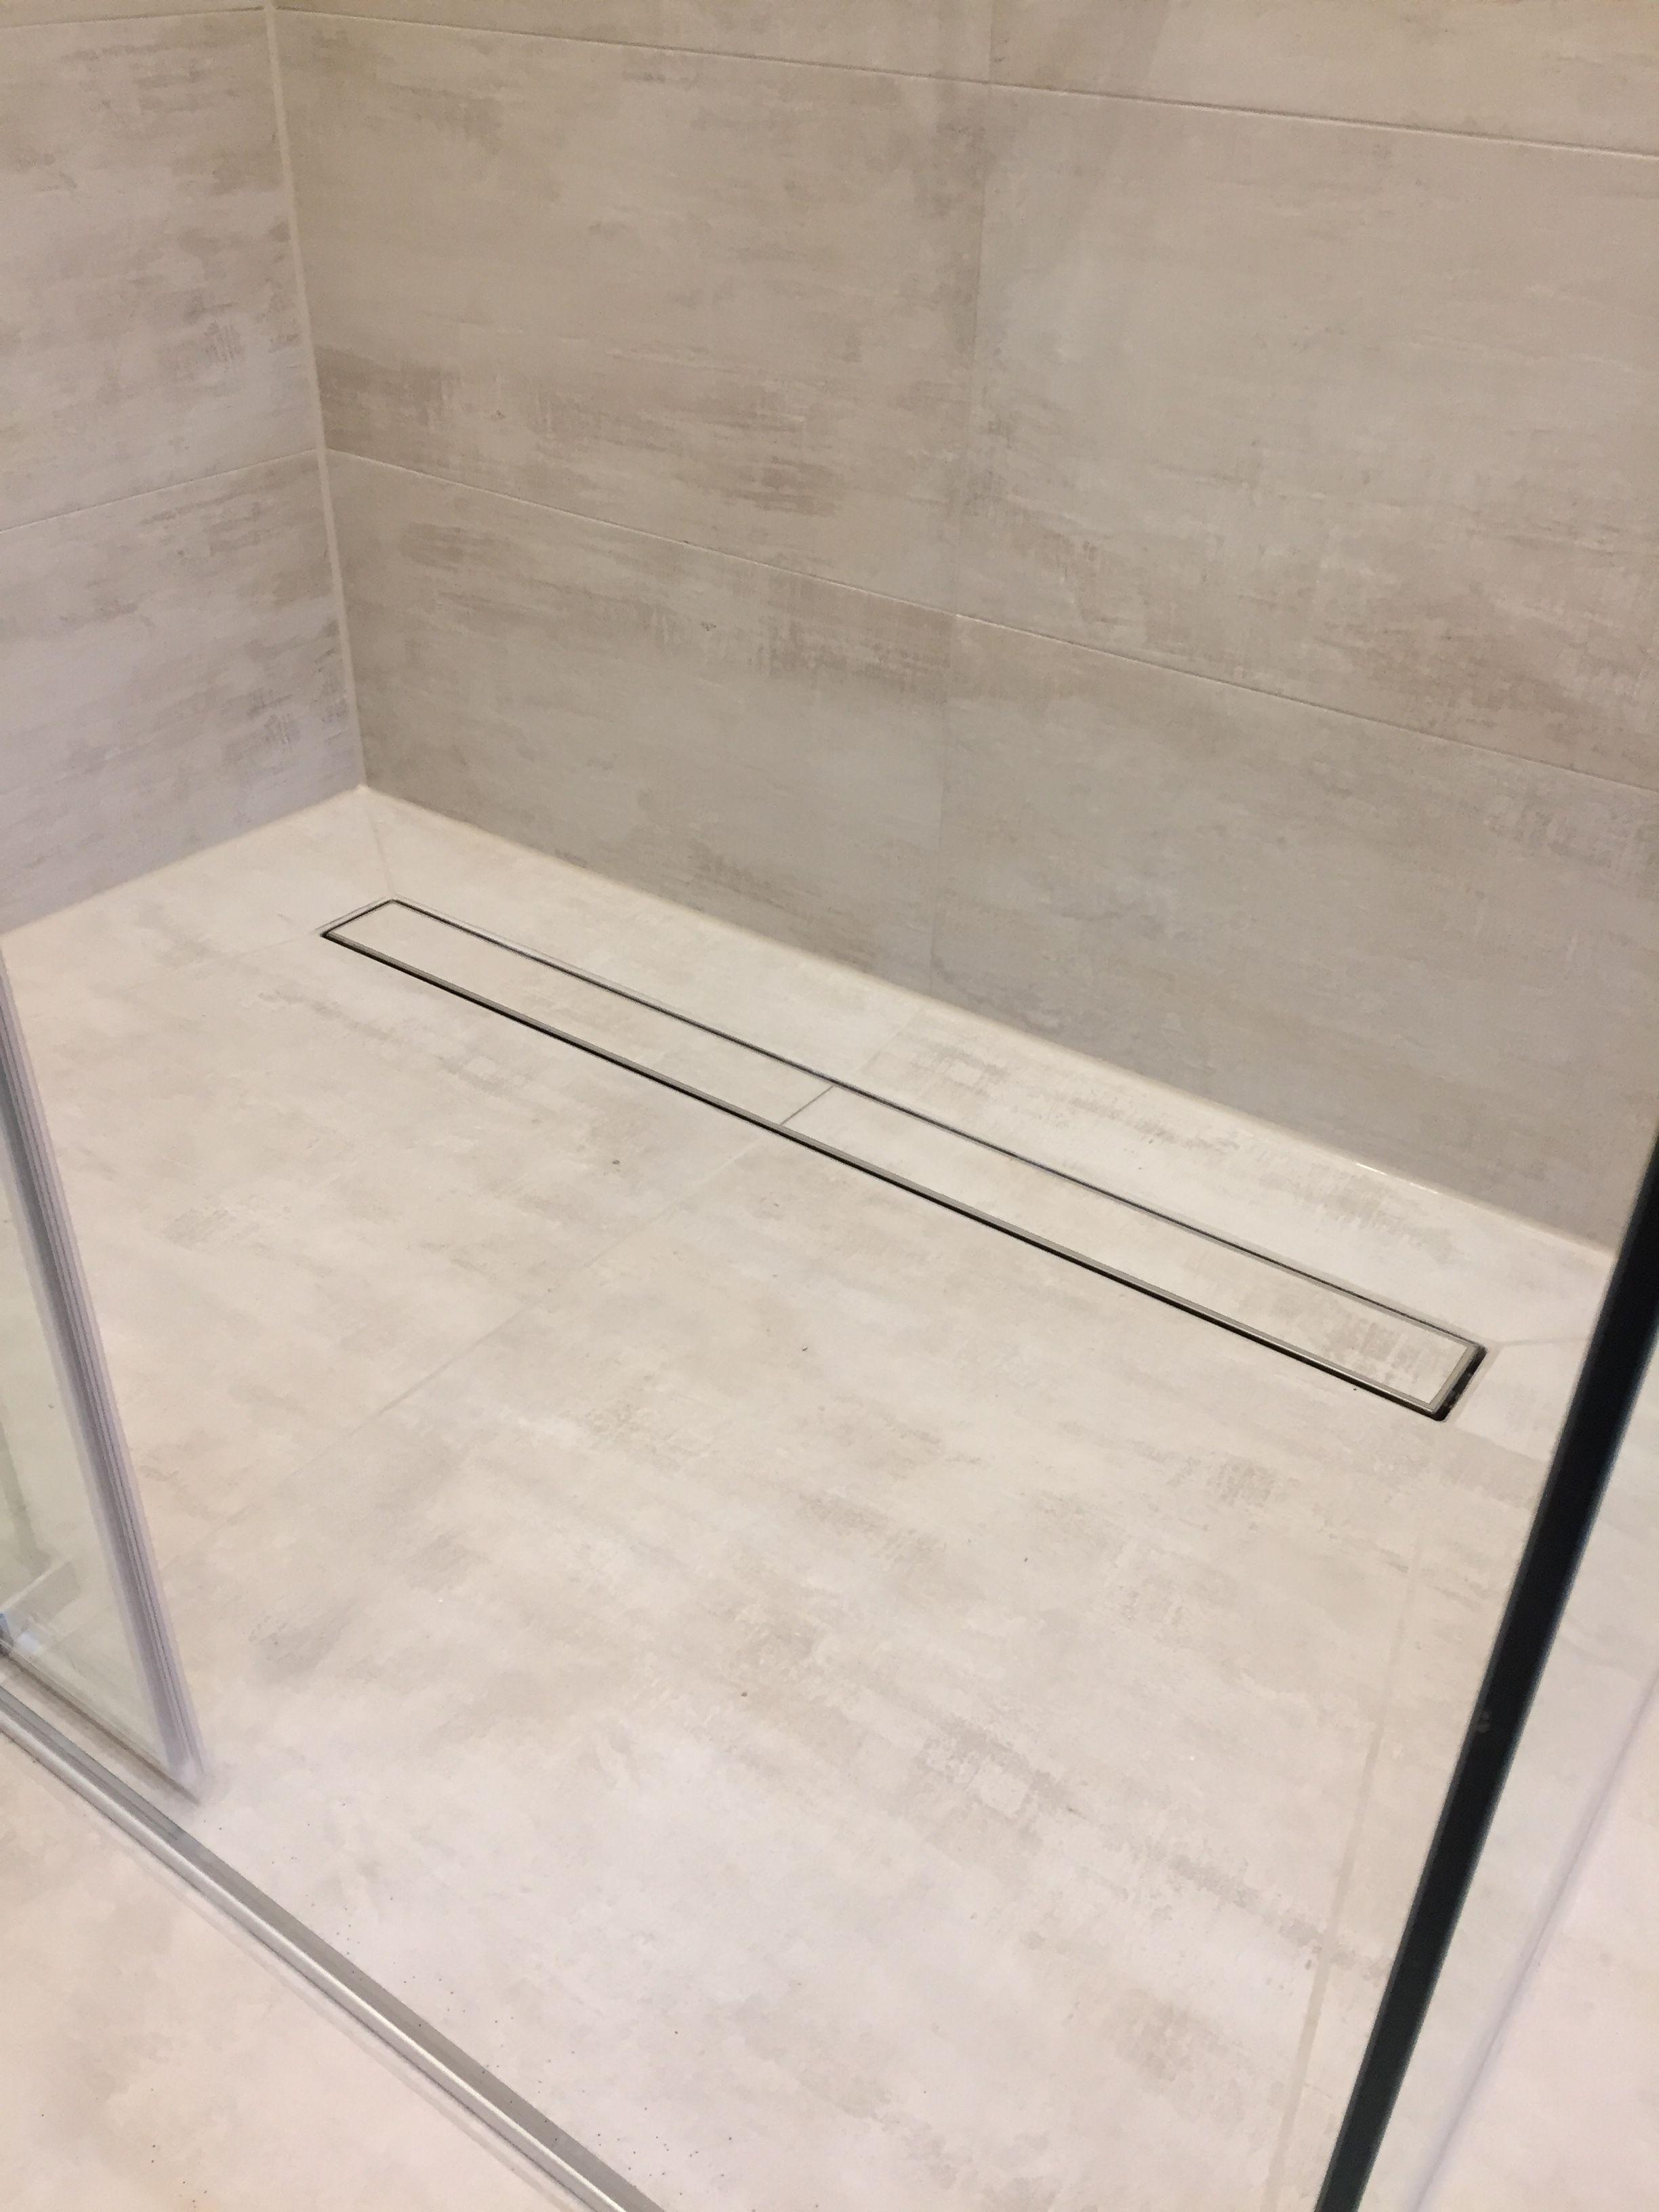 Pin Von Marcela Auf Badezimmer Duschrinne Badezimmer Beige Badezimmer